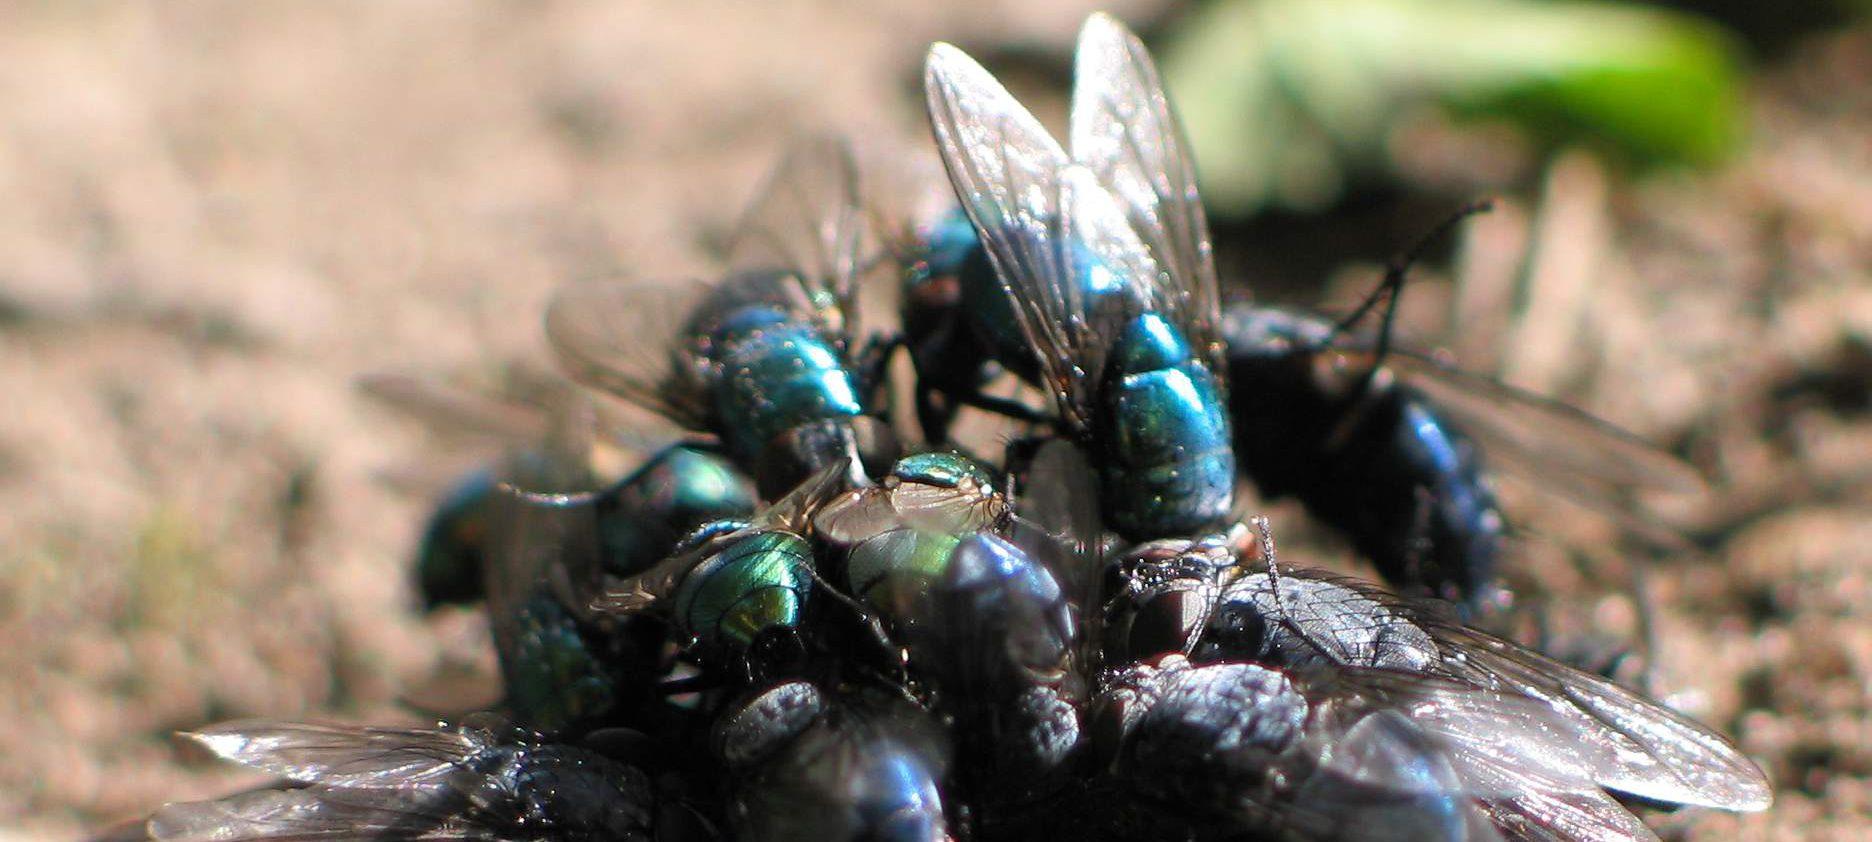 INSEKTPOL ® Firma Pest Contol – Dezynsekcja, Fumigacja, Gazowanie, Sprzątanie po zgonie, Zwalczanie kun, warszawa